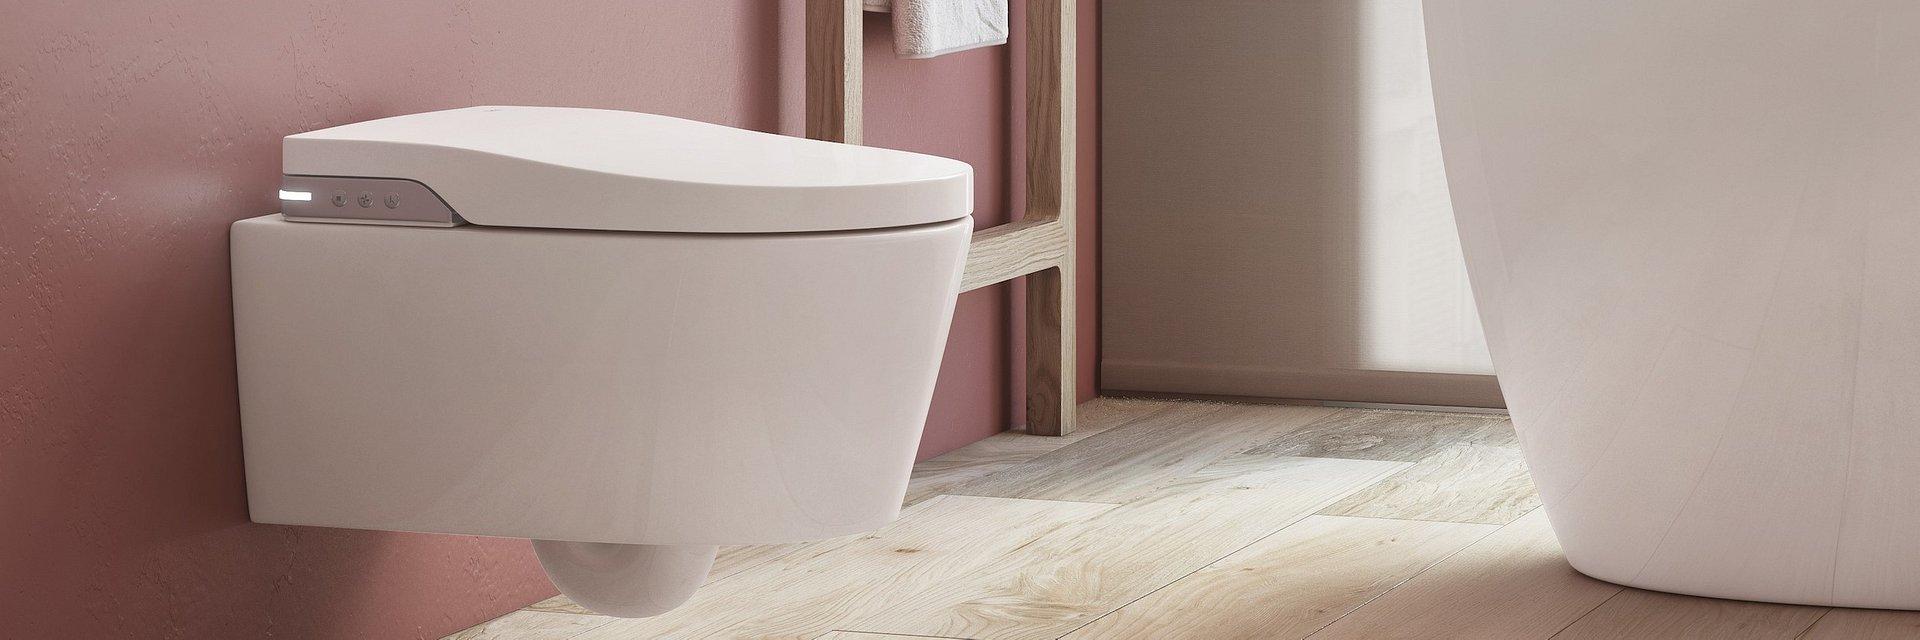 Inteligentna łazienka z toaletą myjącą In-Wash® Inspira Roca